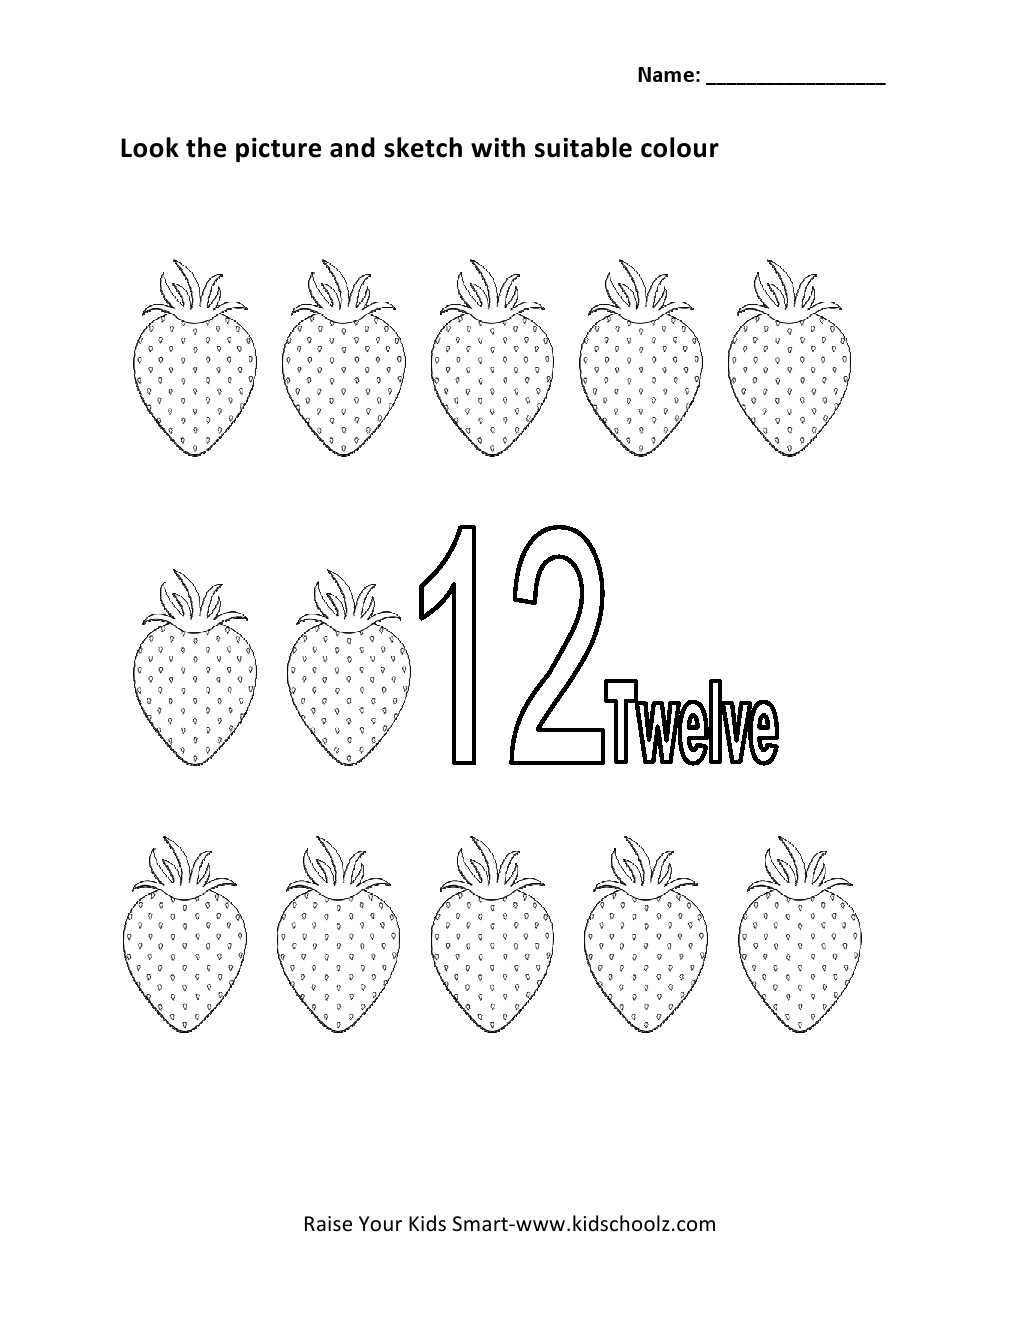 Numbers Colouring Worksheet Twelve Kidschoolz – Number 12 Worksheets